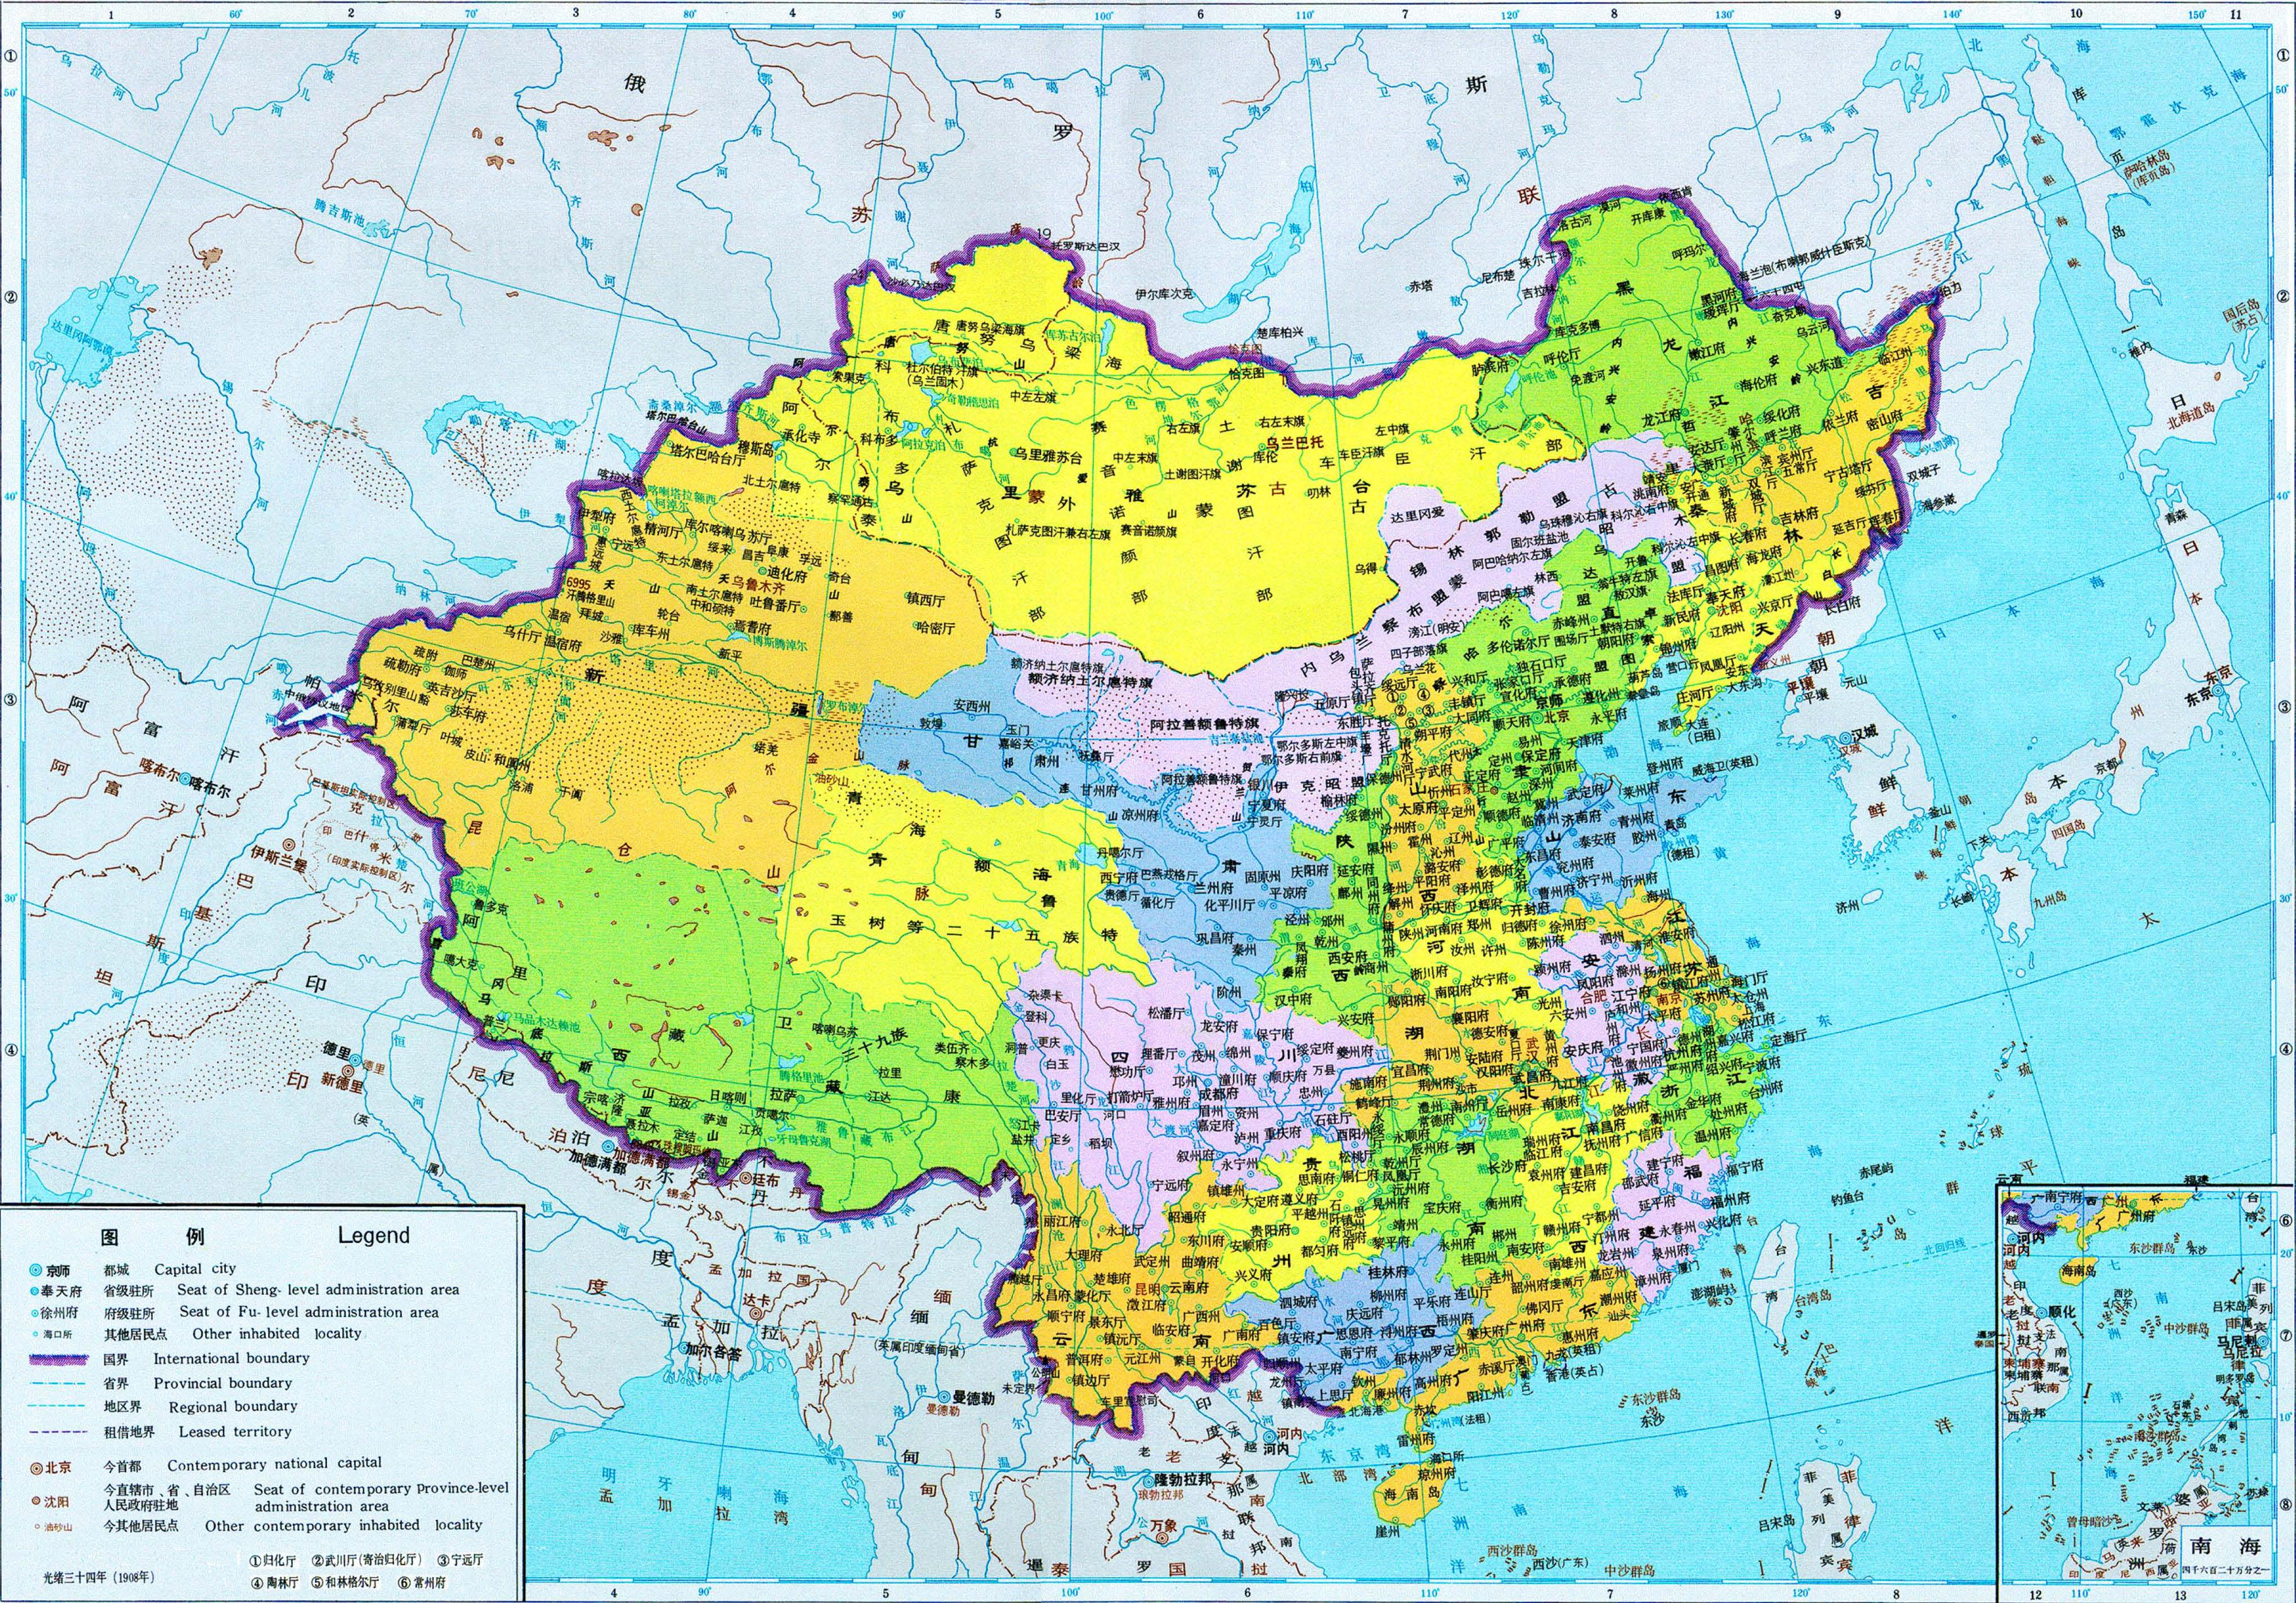 全盛时期元朝地图_清朝版图面积_清朝版图_全盛时期清朝的版图_鹊桥吧